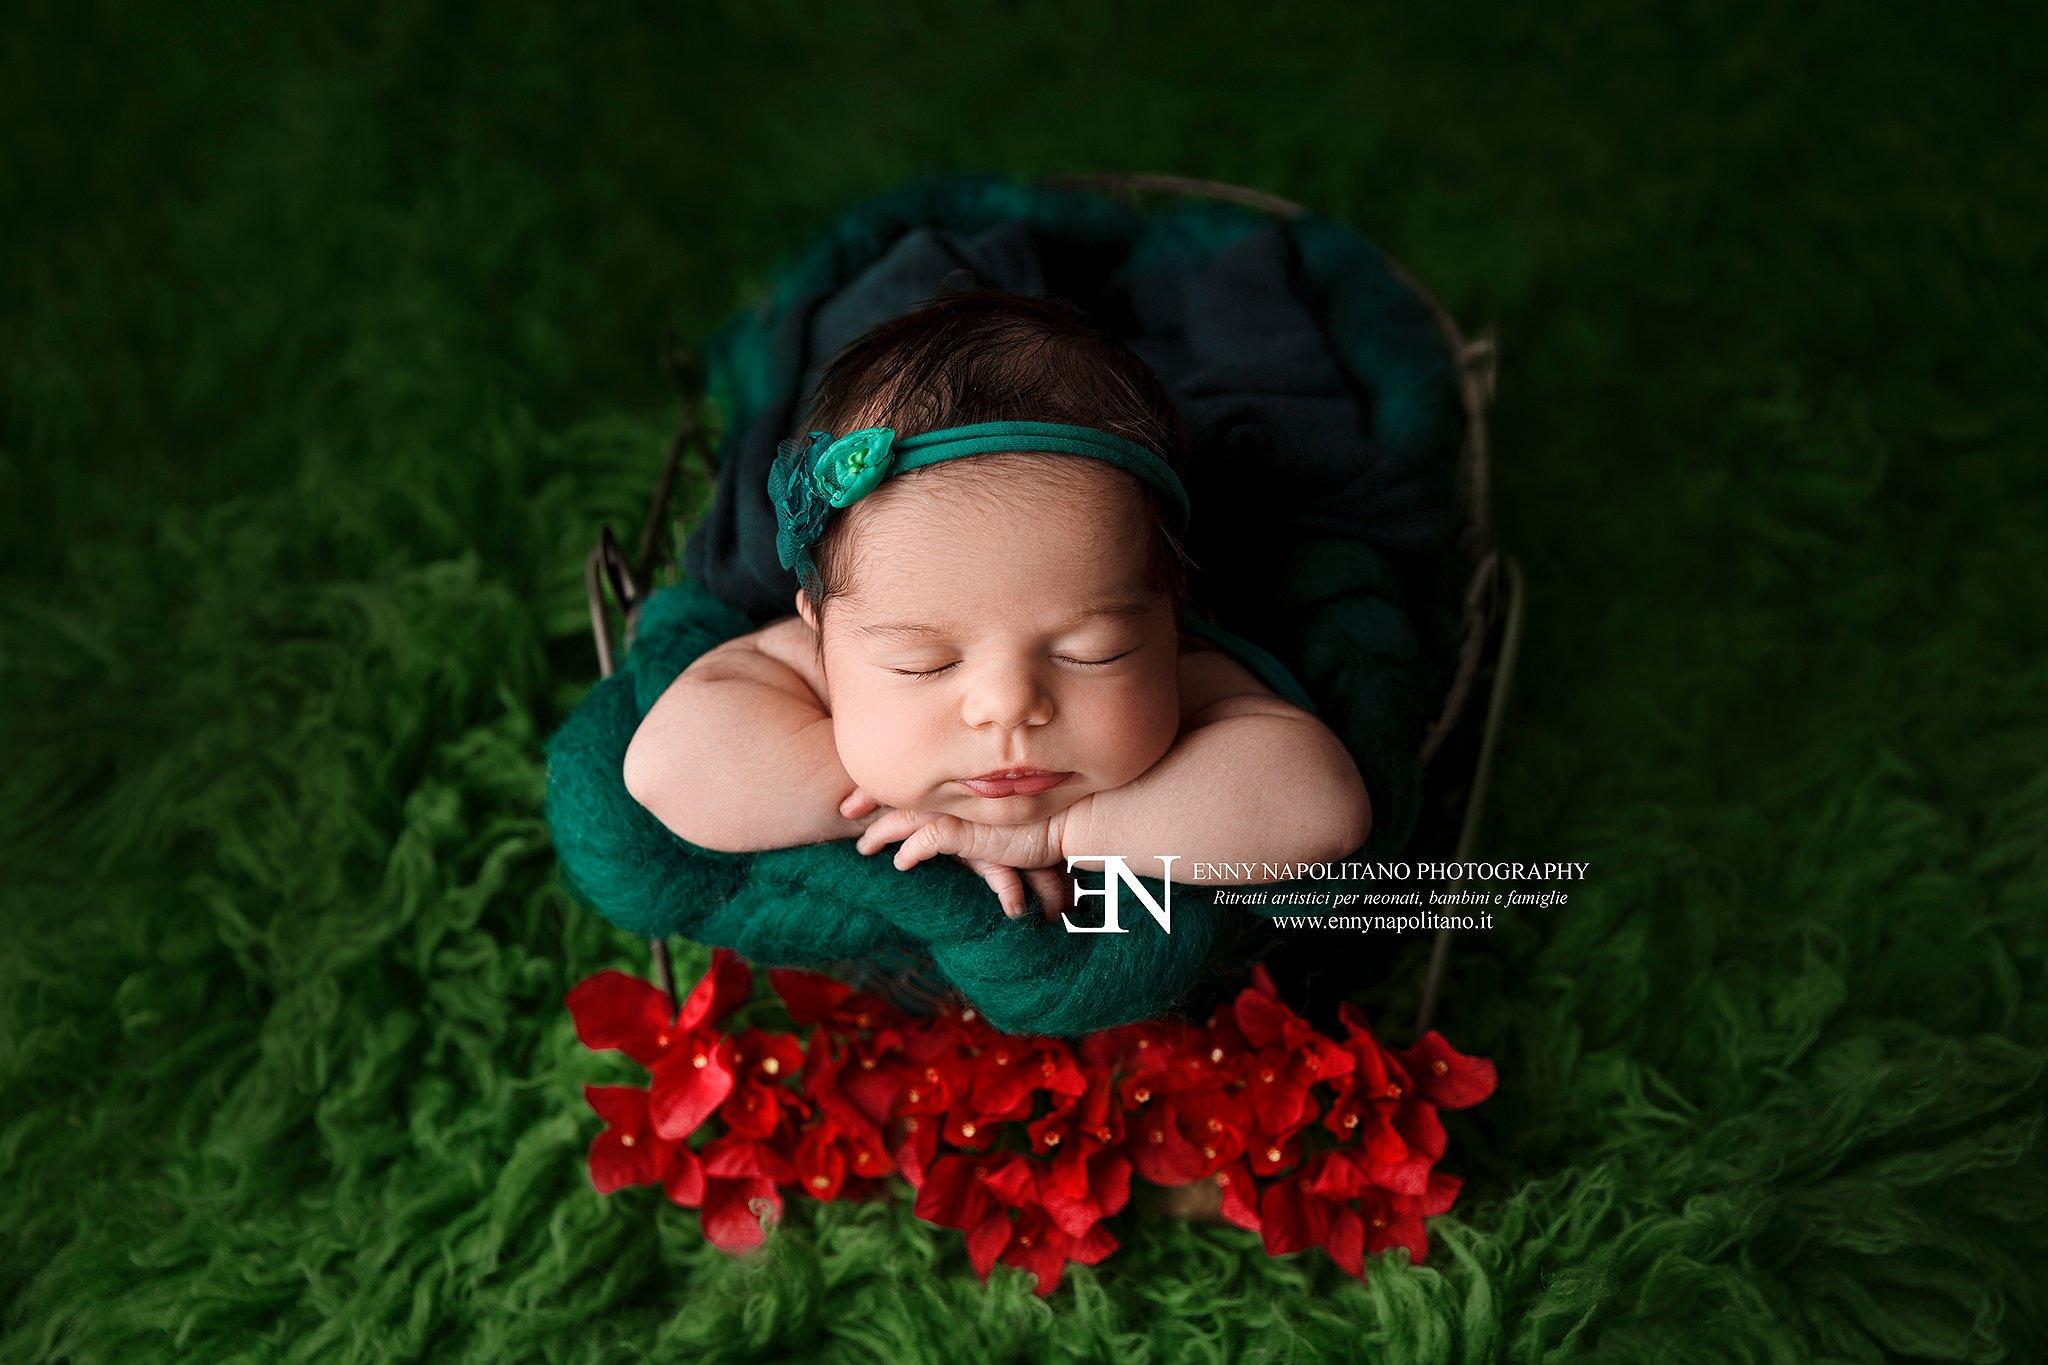 neonata che dorme in un set verde con fiori durante un servizio fotografico newborn per neonati e bambini a Milano